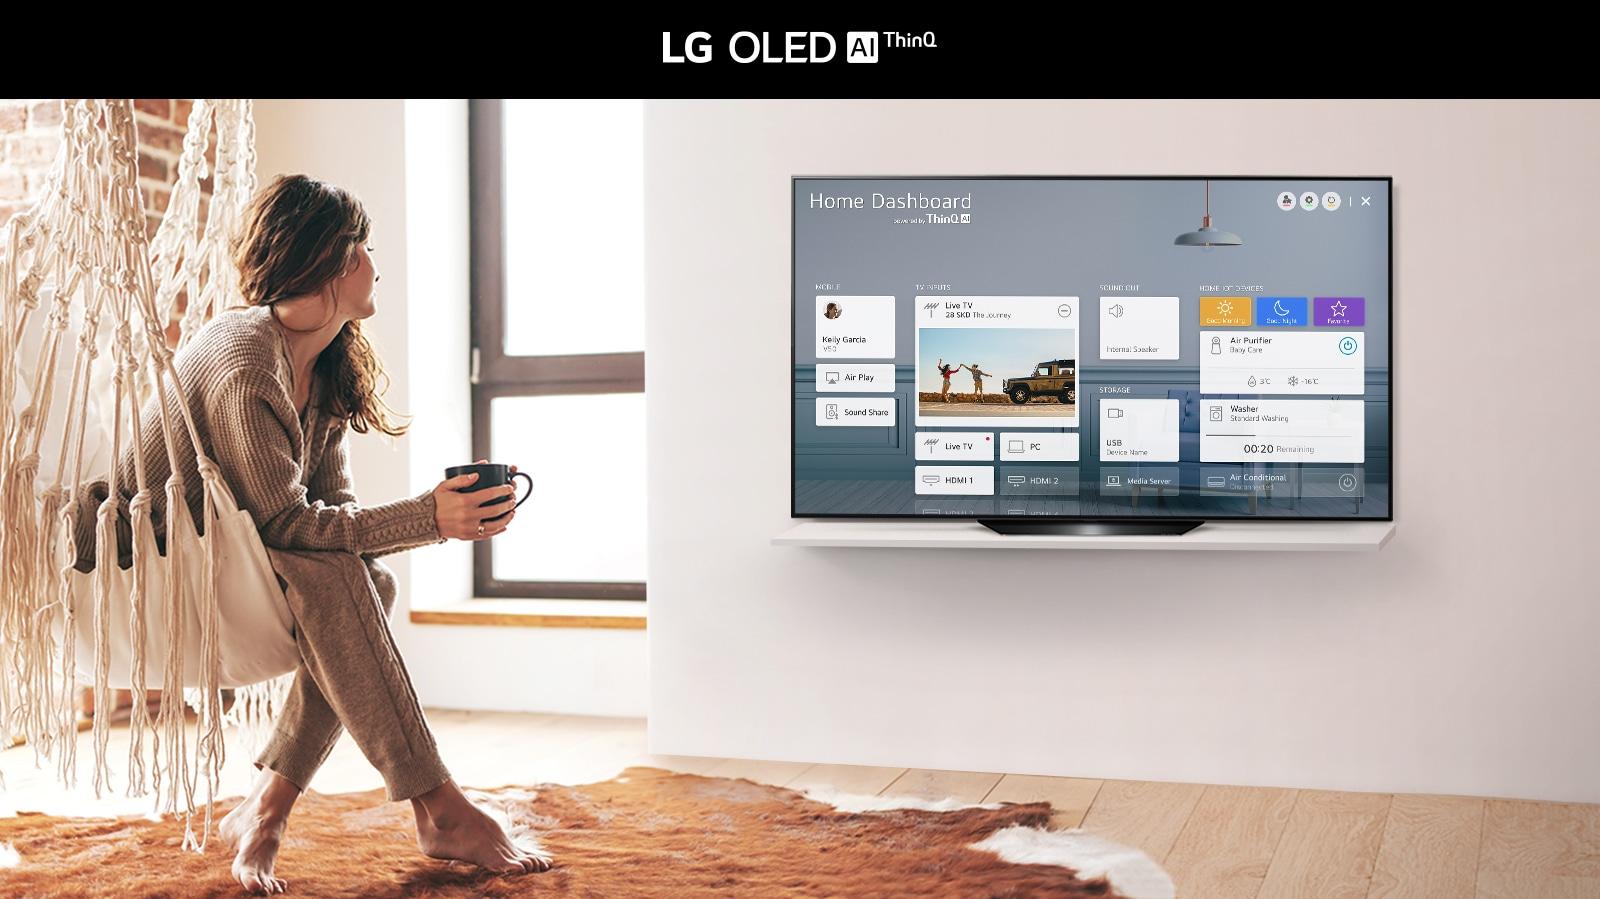 Nő ül a széken a nappaliban, és az otthoni irányítópult látható a TV képernyőjén.